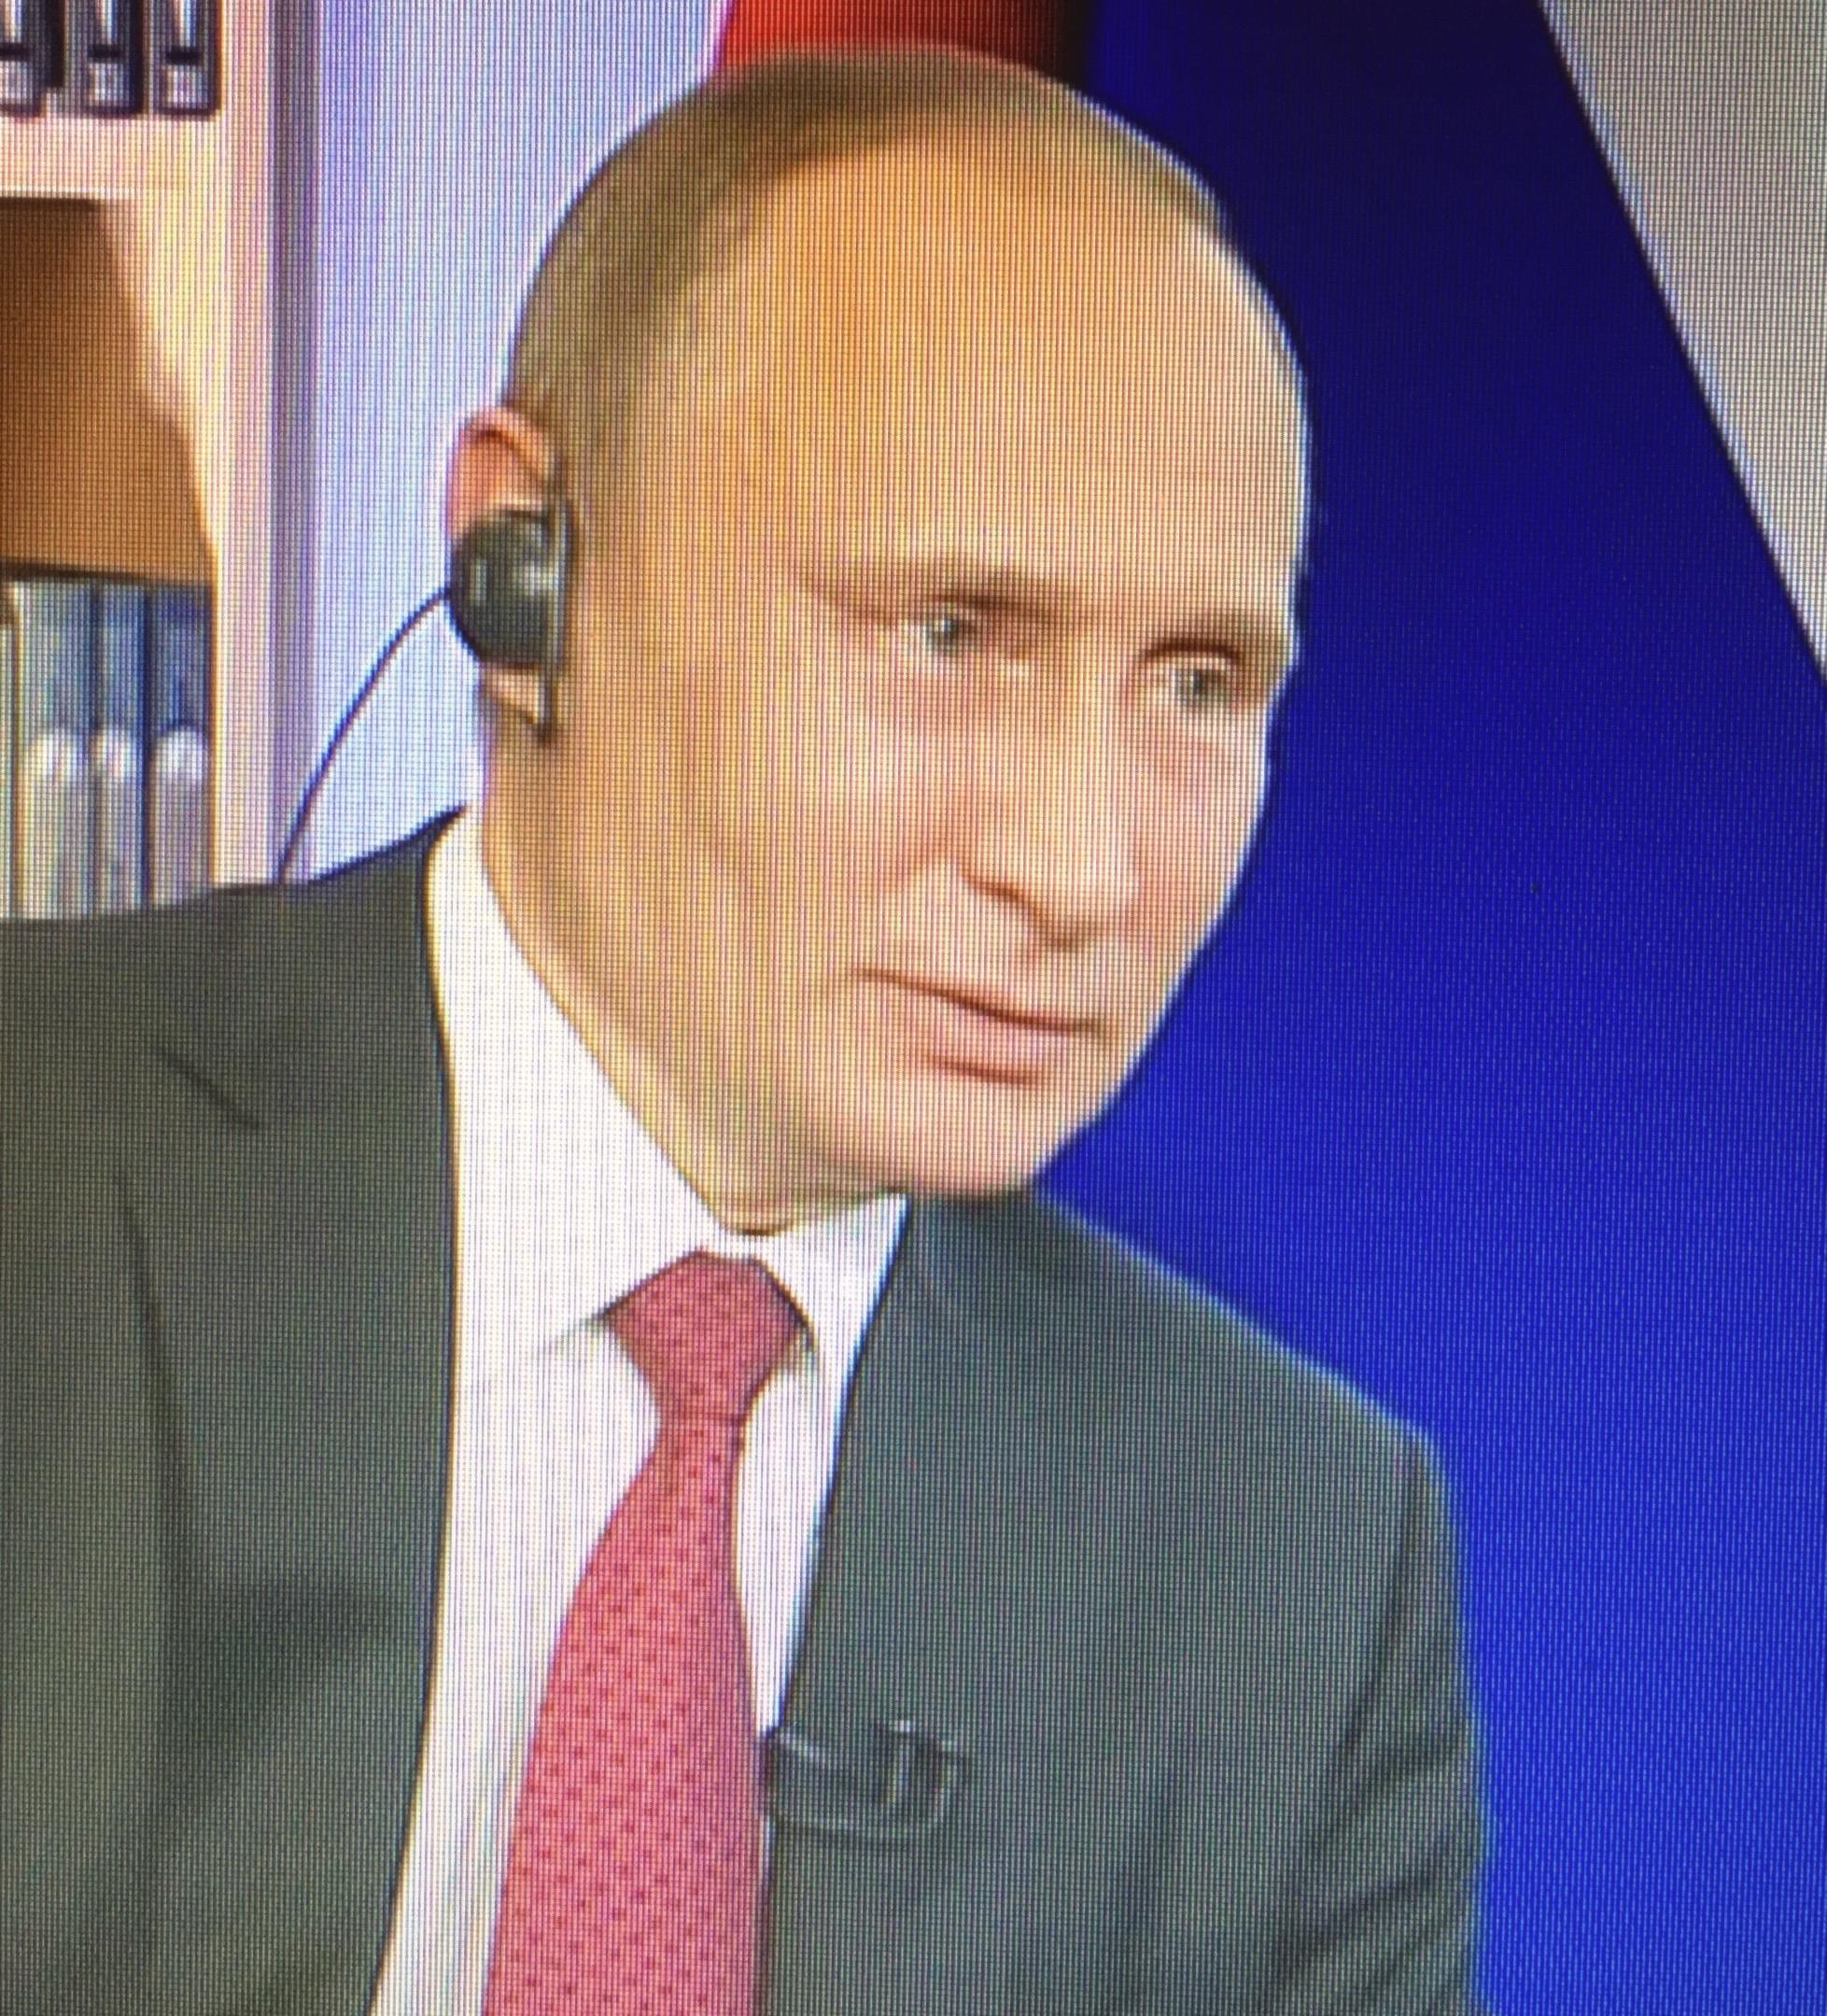 """Der russische Präsident Wladimir Putin in Paris und St. Petersburg in Richtung Westen: """"Hört auf, mit eurer erfundenen russischen Bedrohung Stimmung gegen unser Land zu machen - das führt zu nichts Gutem."""" www.progression.at"""